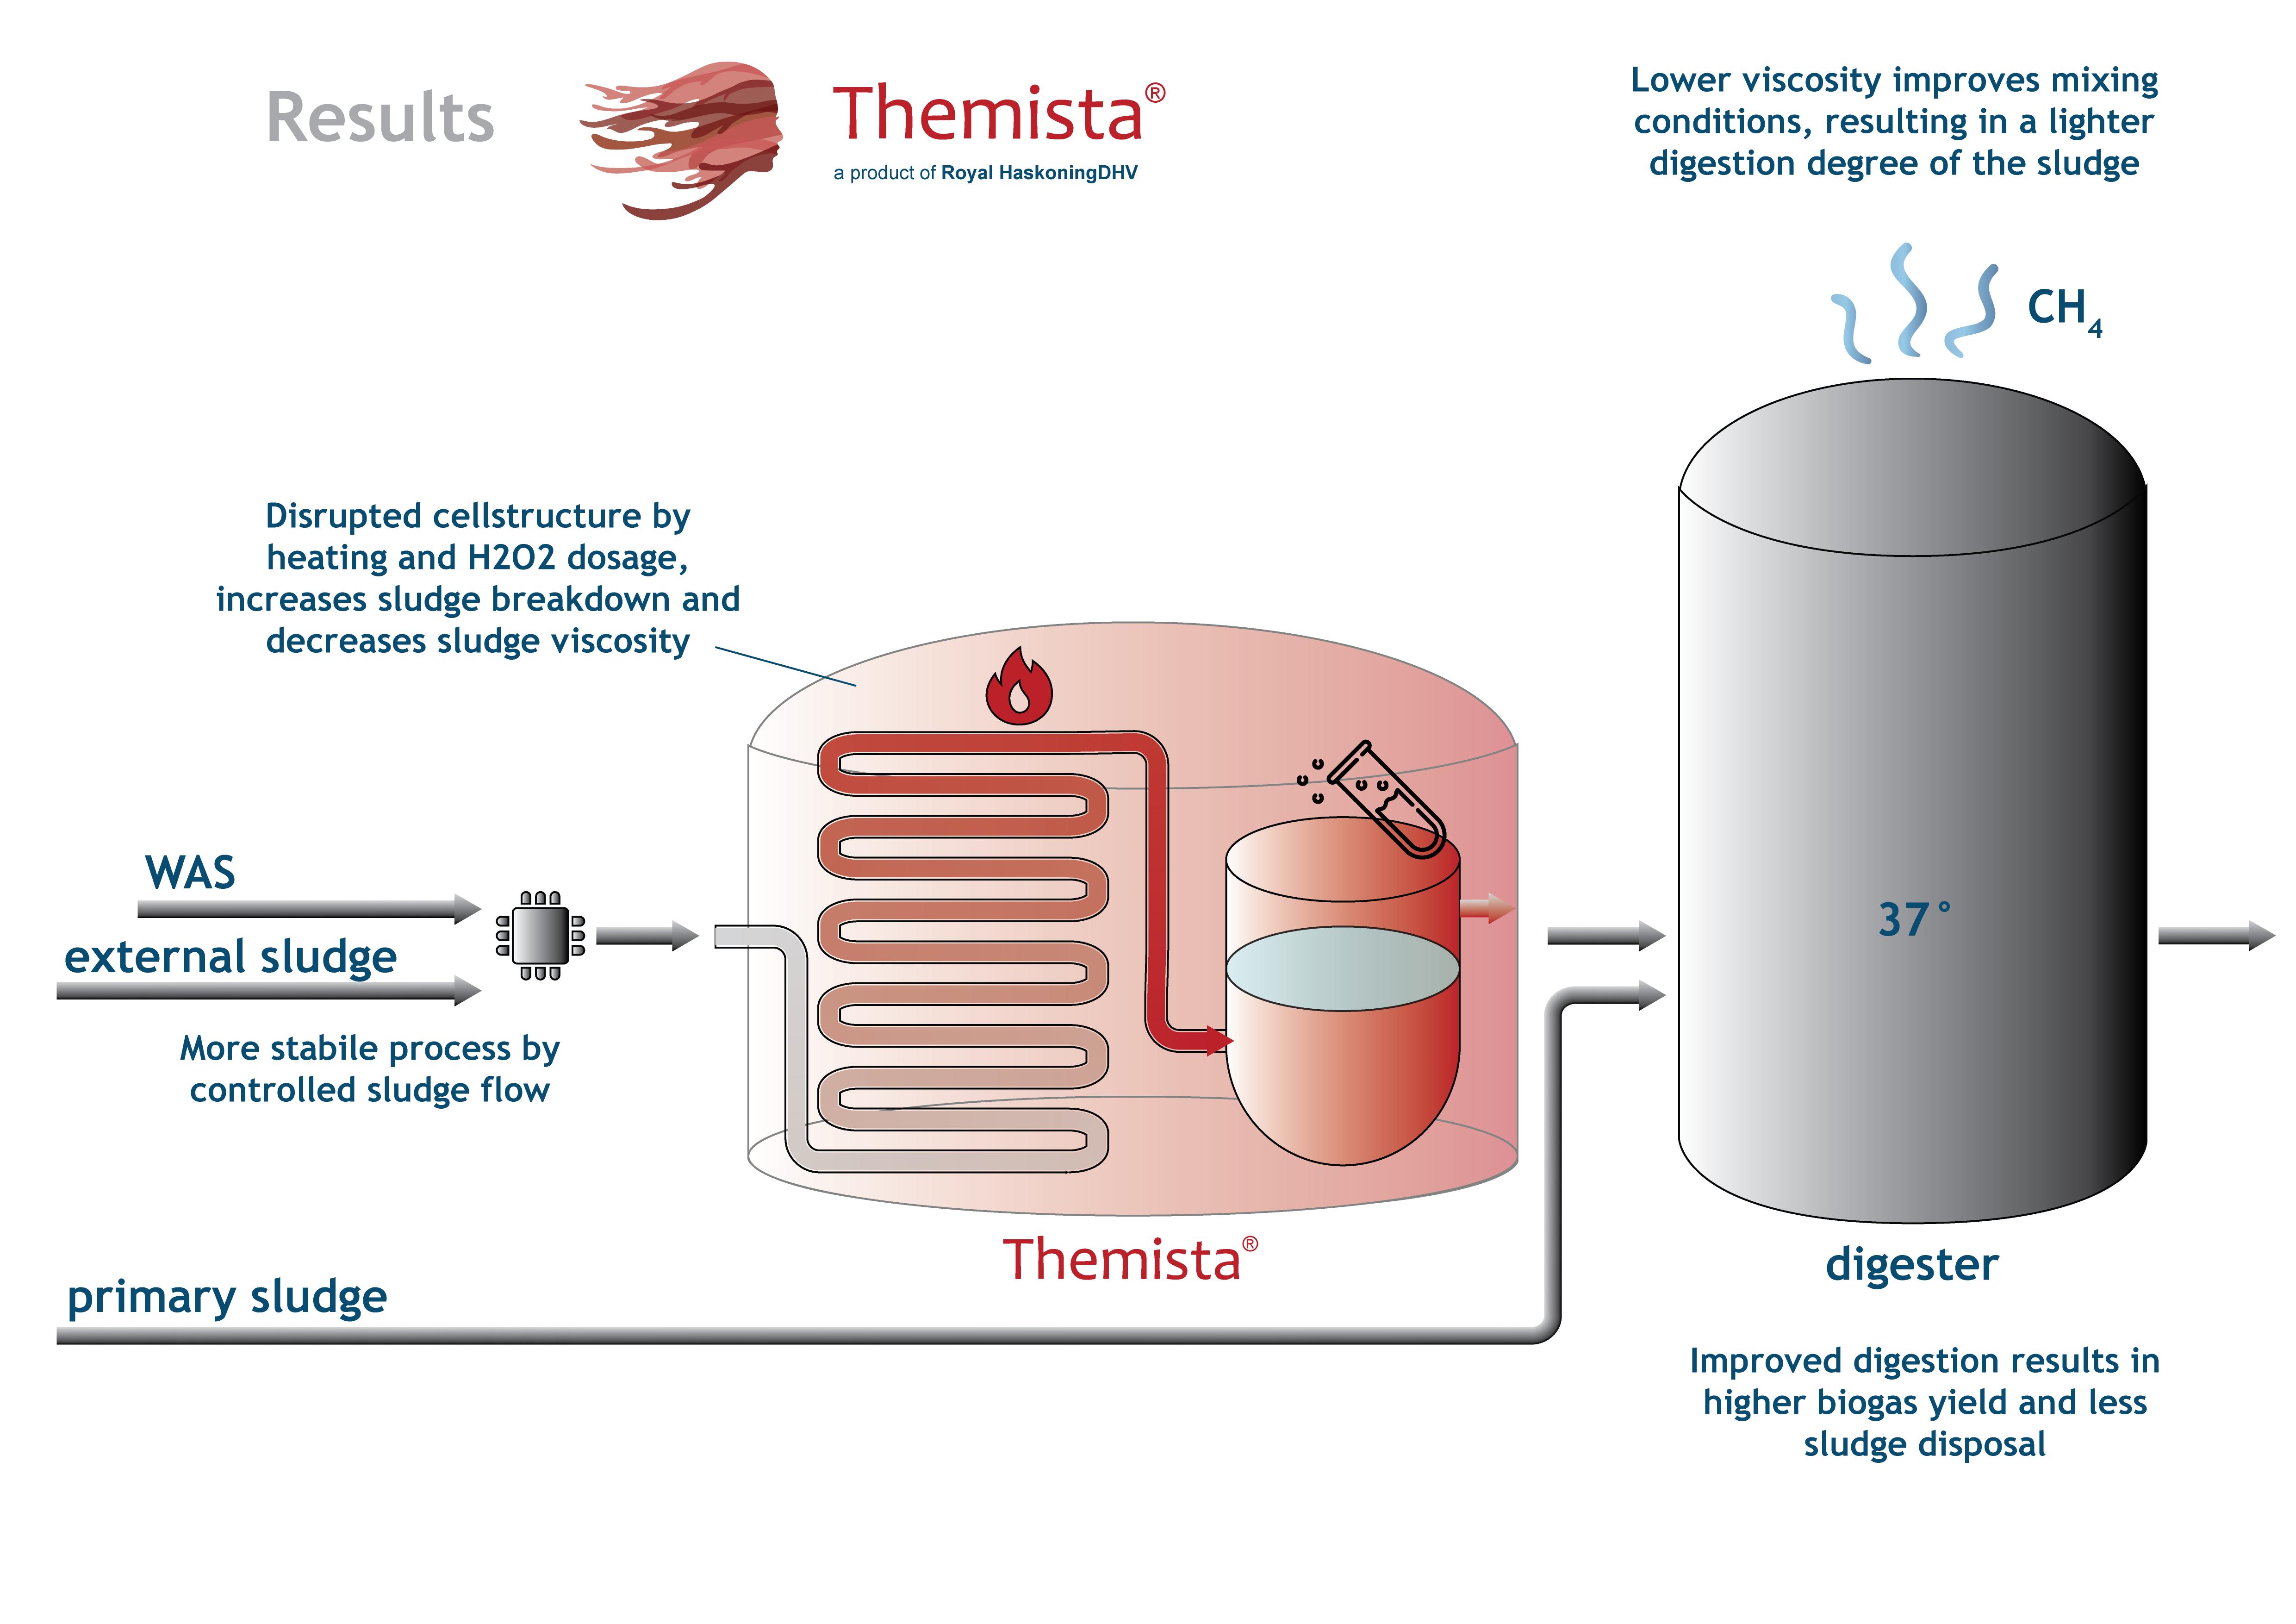 Royal Haskoningdhv Download Biogas Digester Diagram Themista Results V3 01